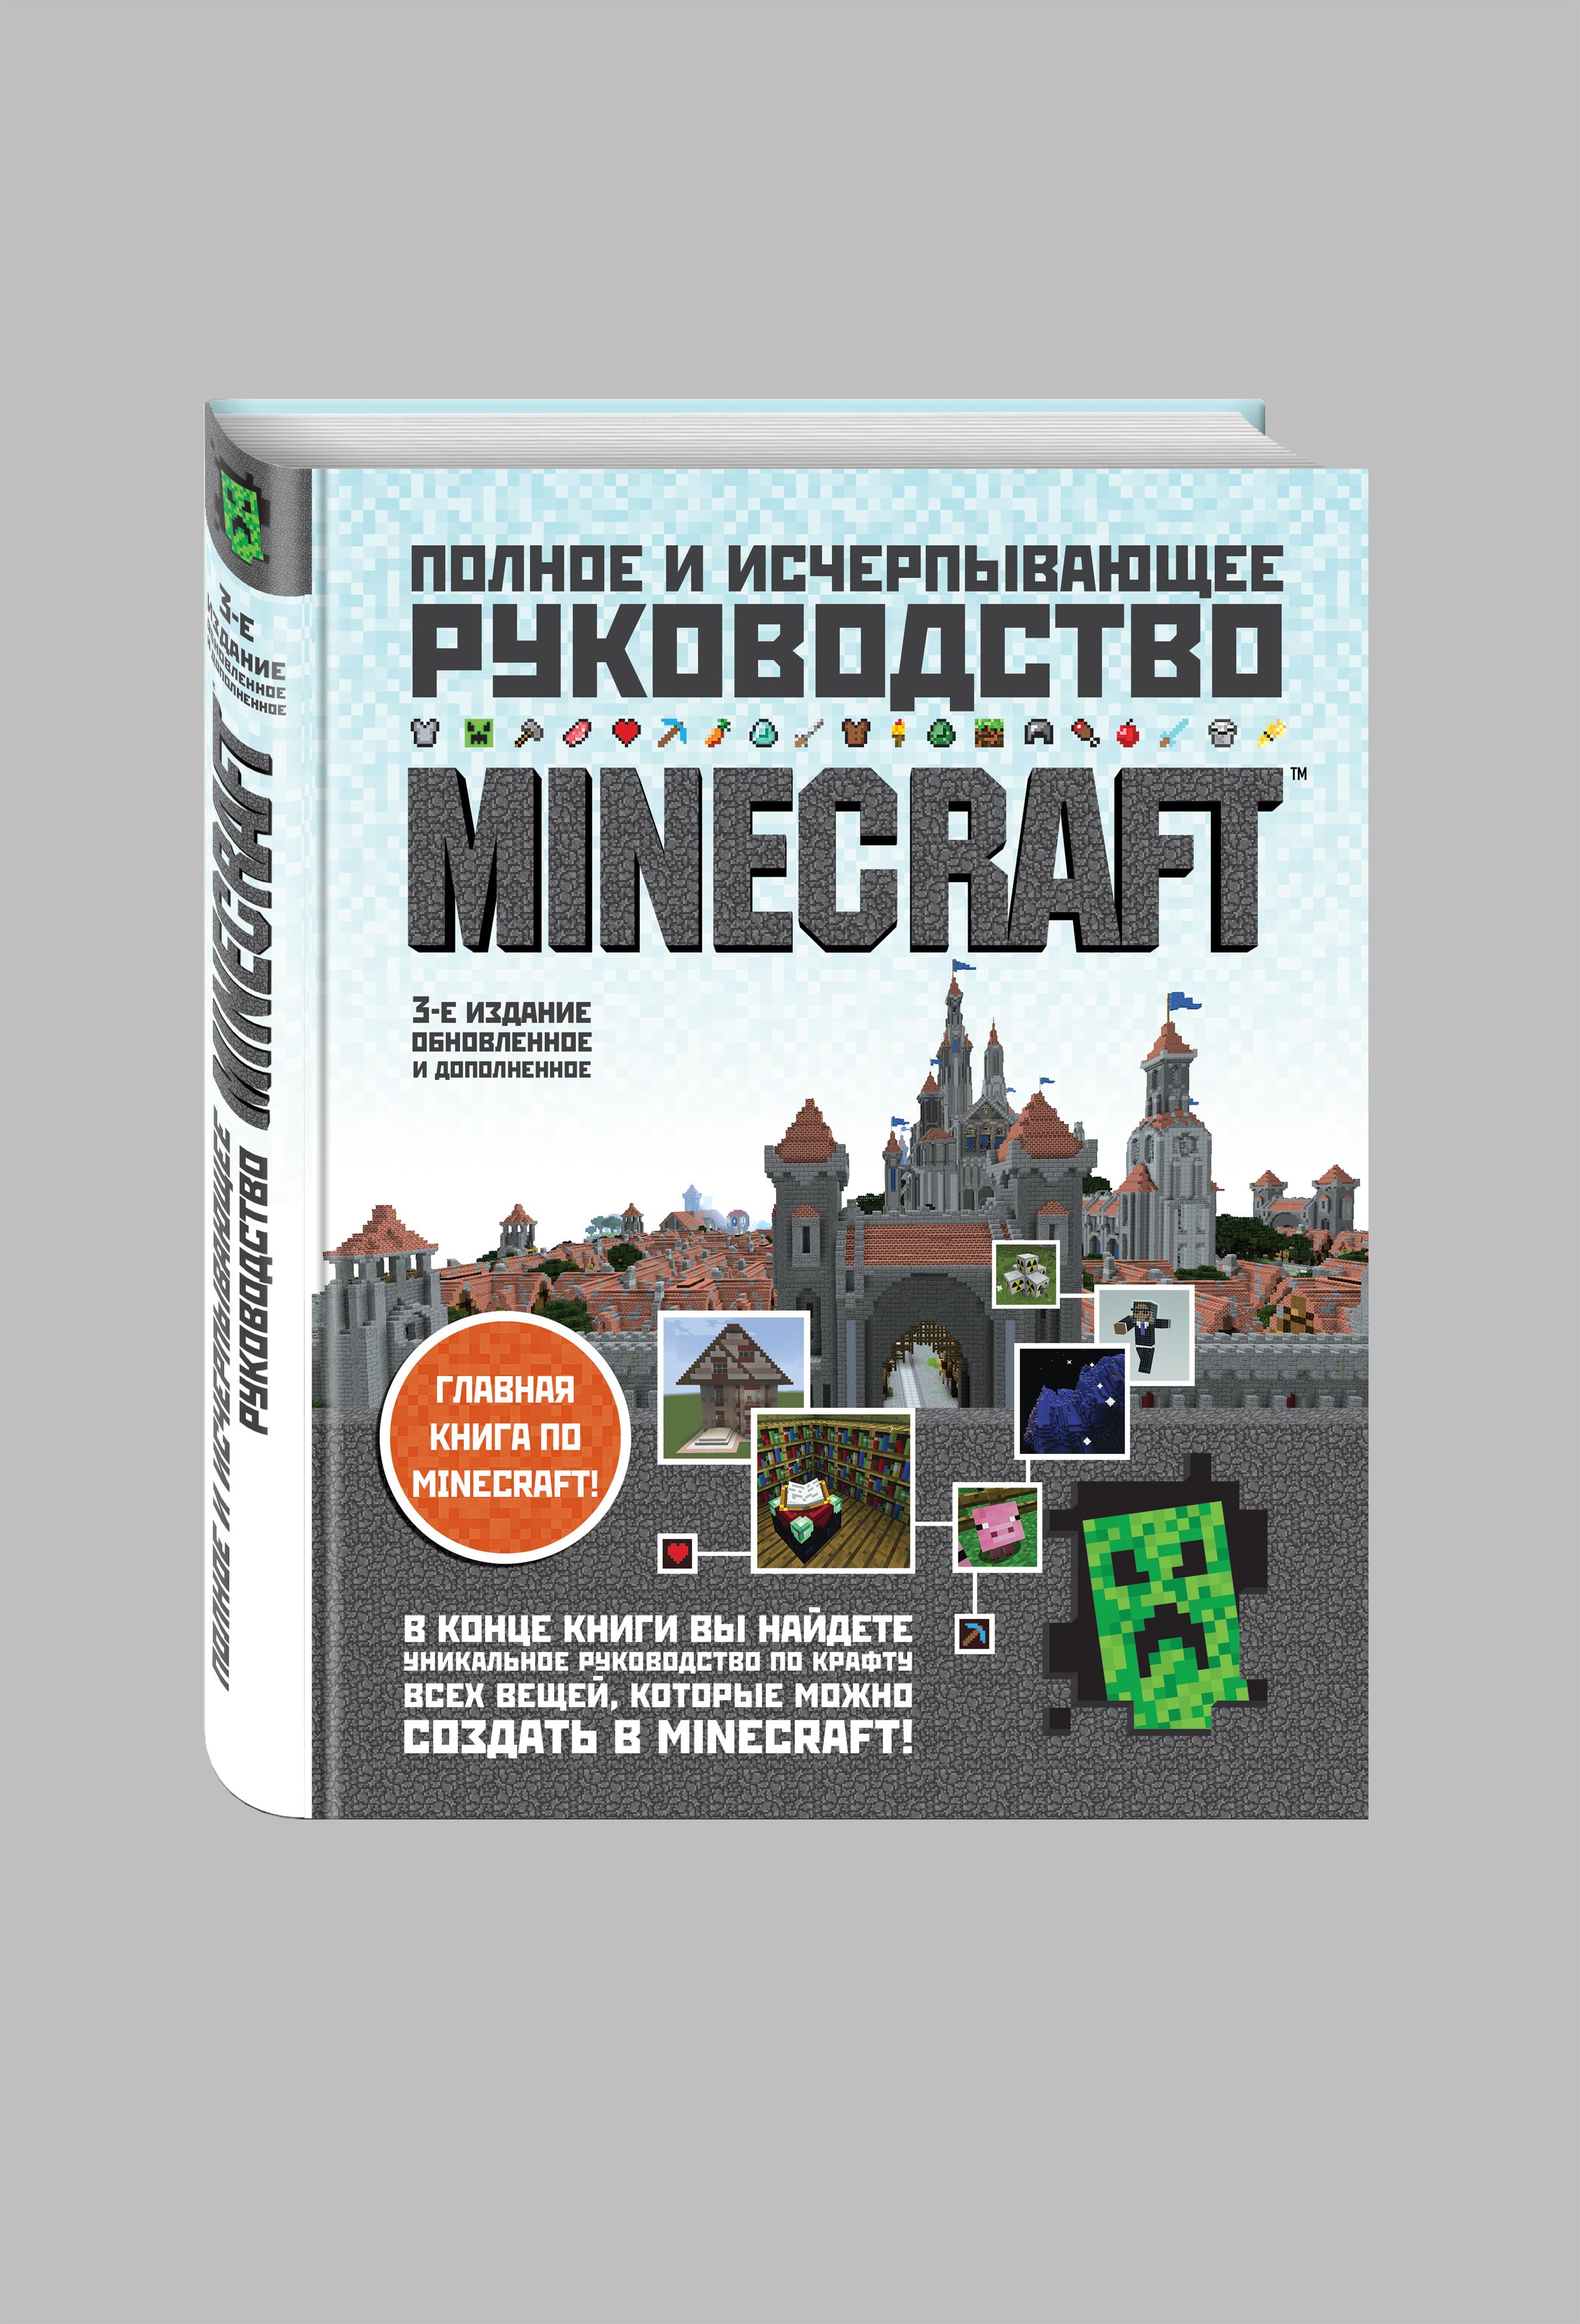 О'Брайен С. Minecraft. Полное и исчерпывающее руководство. 3-е издание sql полное руководство 3 издание